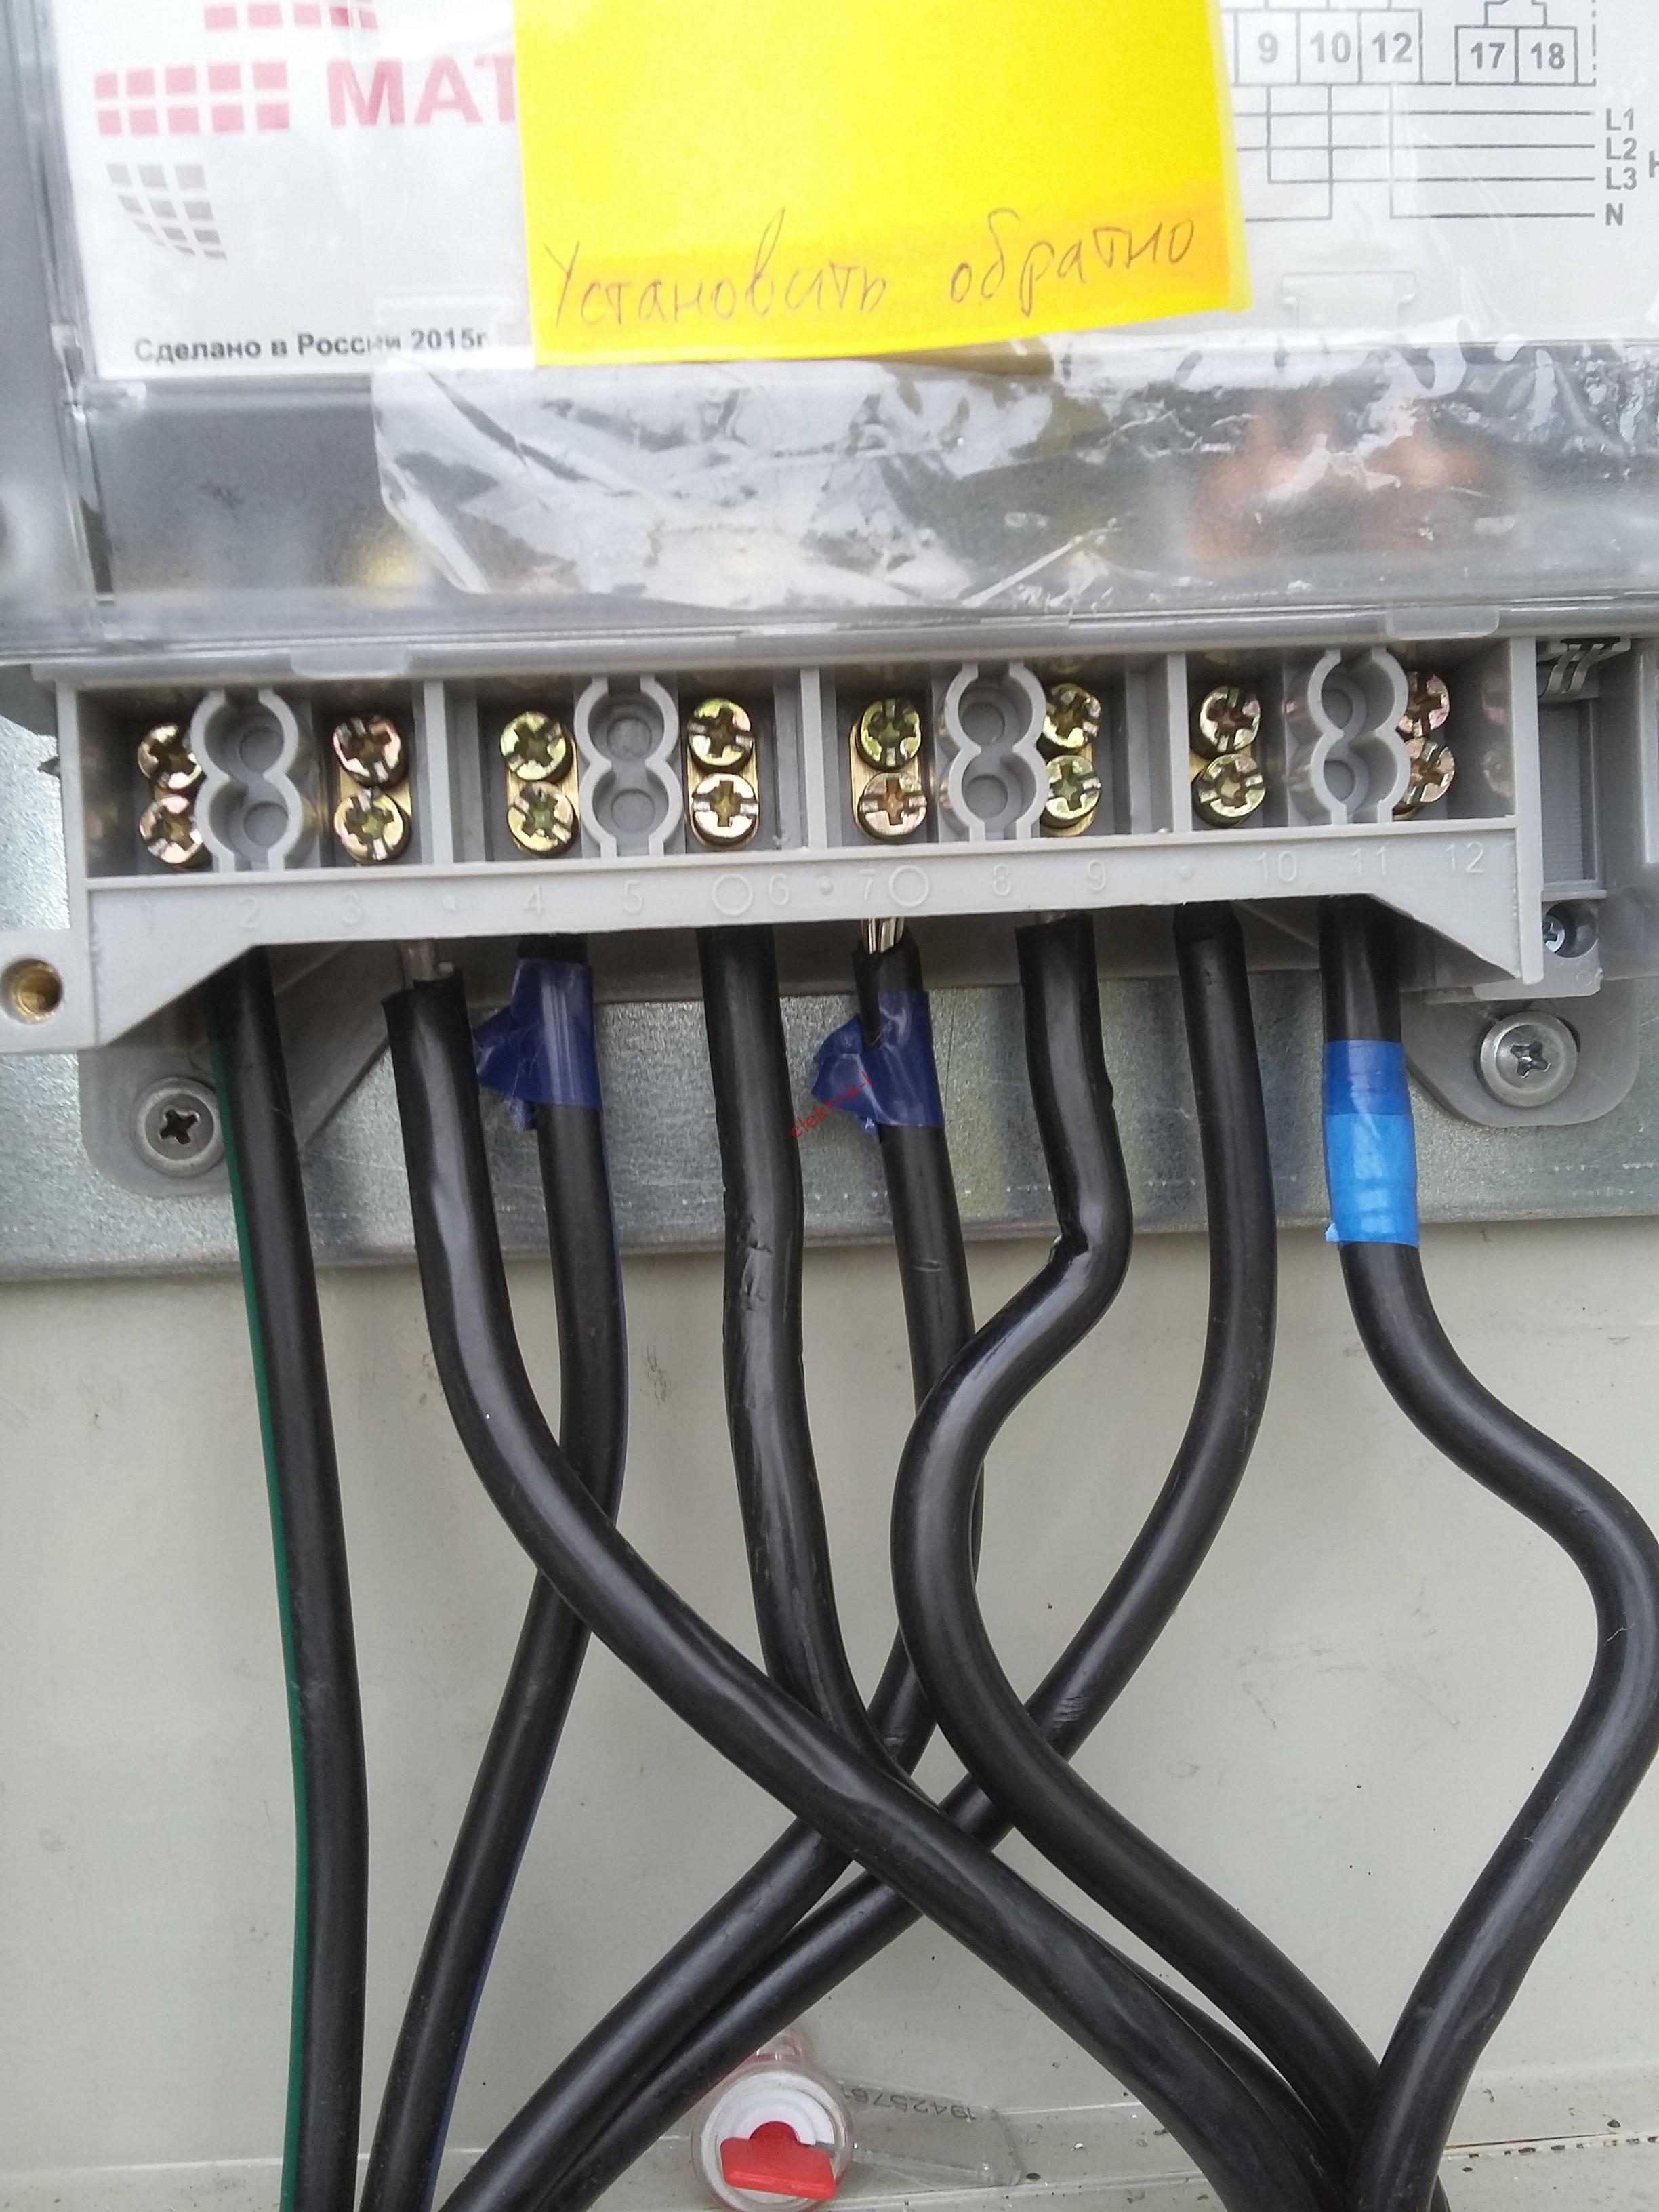 1прокладка кабельной сети 2установка автоматов,узо,счётчиков элэнергии 3подключение крупной бытовой